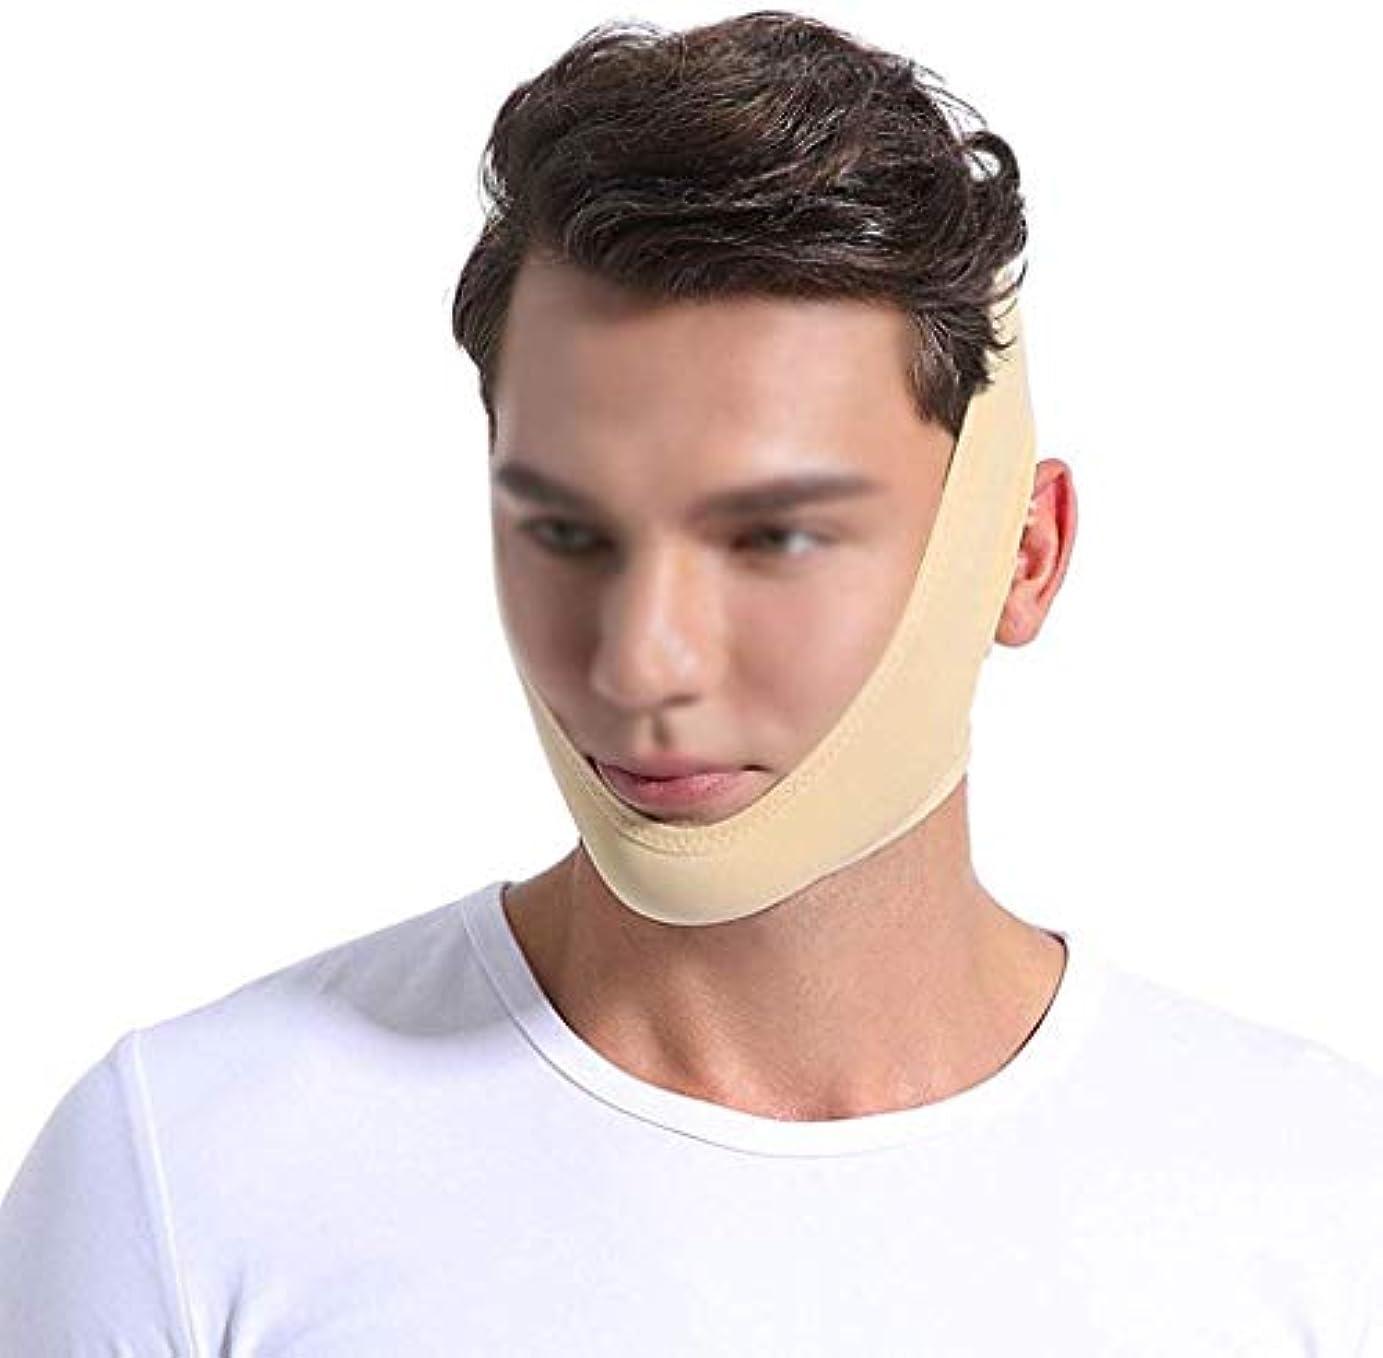 ストライドエリート検証美容と実用的な医療ワイヤー彫刻後のリフティングマスクを再開し、男性と女性の顔の弾性包帯の帽子は小さなVフェイスの薄いフェイスマスクを結びました